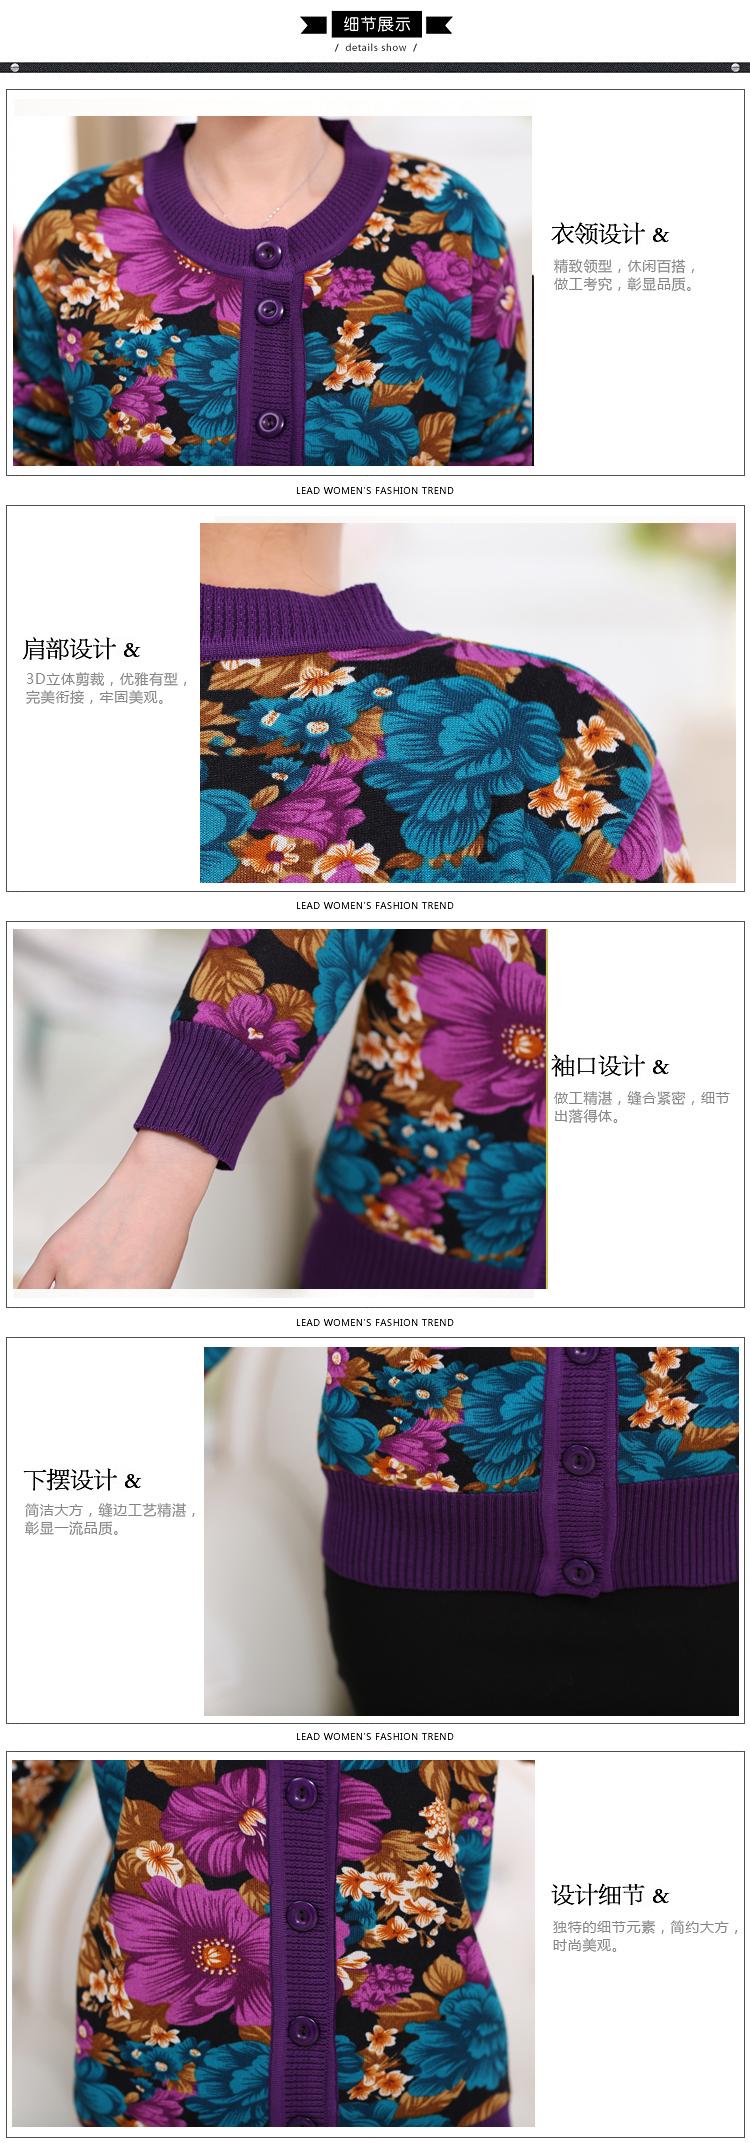 WAEOLSA Winter Woman Flower Cardigan Sweaters Middle Aged Women\`s Thicken Fleece Knitwear Lady Knied Cardigan Sweater Warm Top Mother (1)